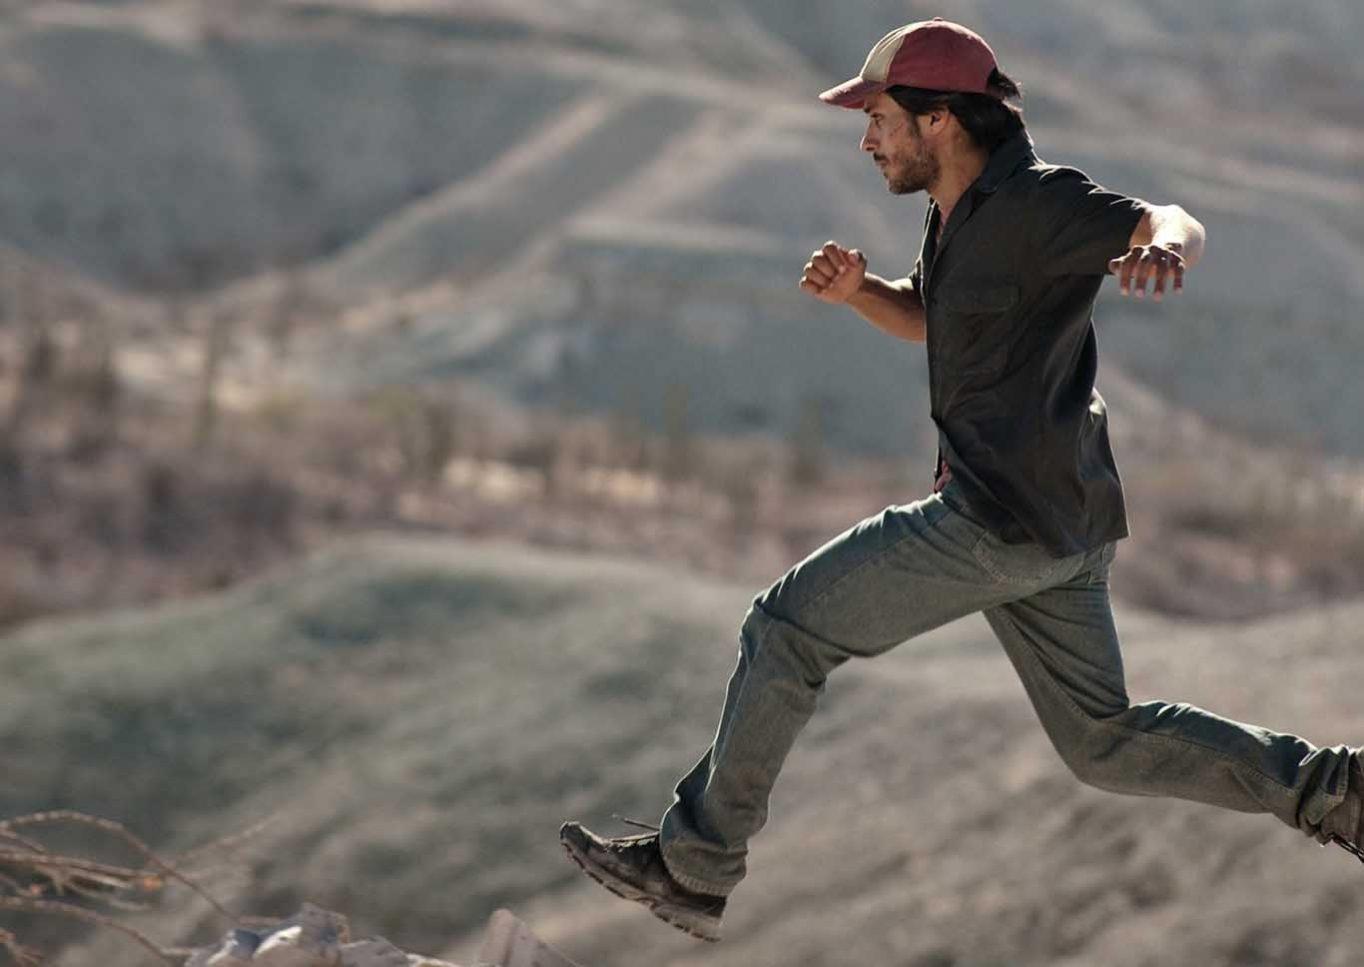 De ida y vuelta: la frontera México-USA y el cine